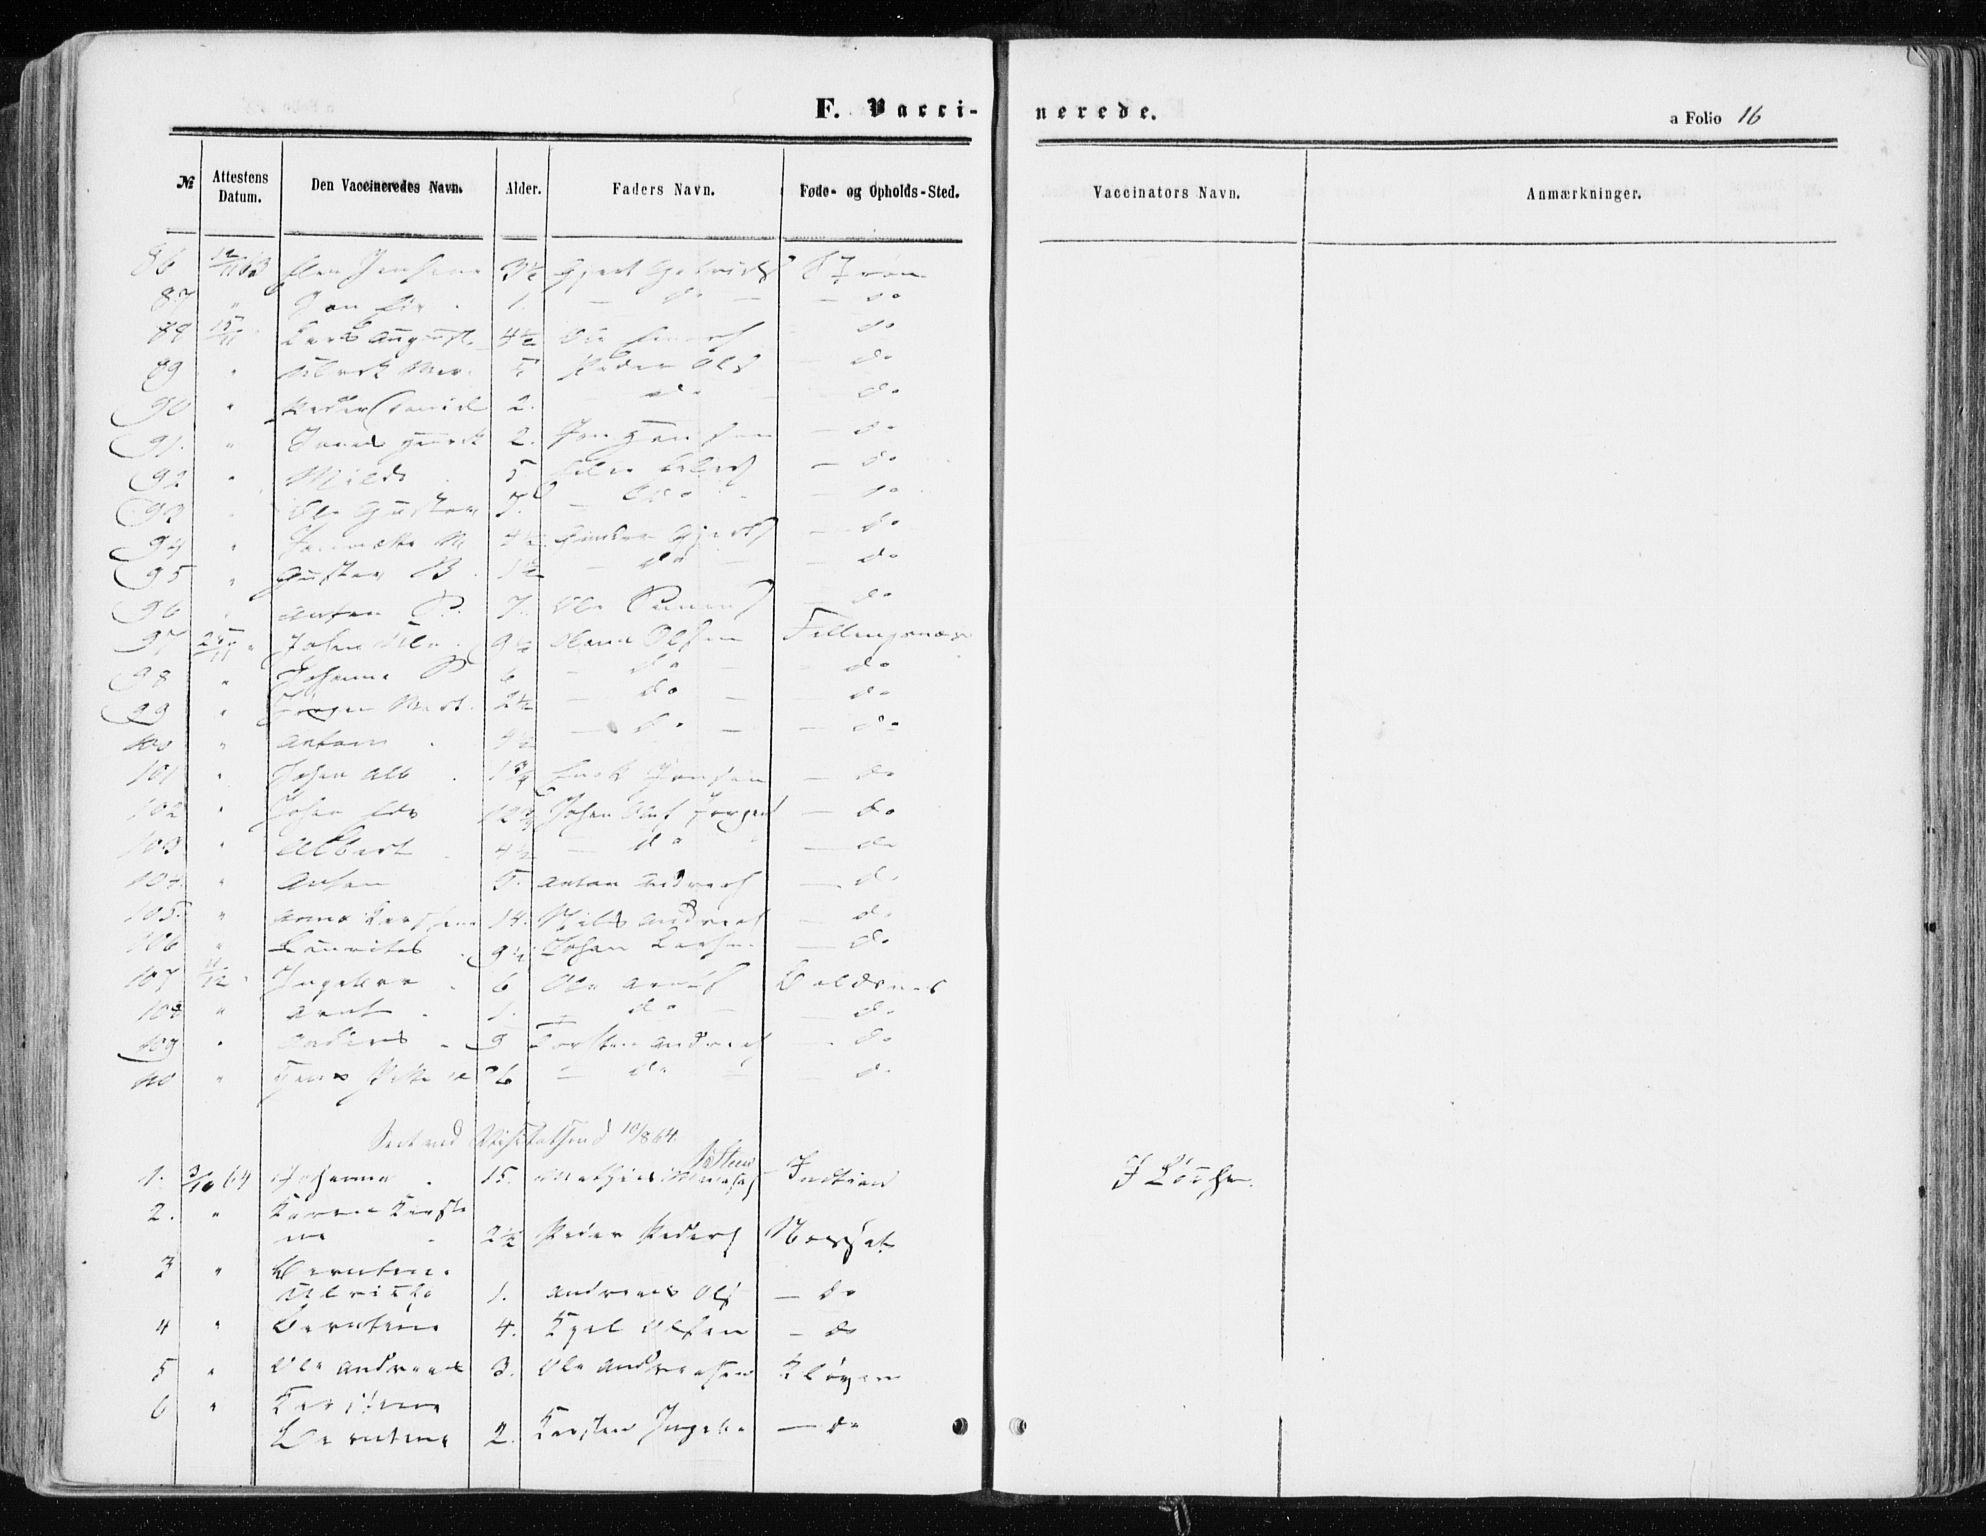 SAT, Ministerialprotokoller, klokkerbøker og fødselsregistre - Sør-Trøndelag, 634/L0531: Ministerialbok nr. 634A07, 1861-1870, s. 16